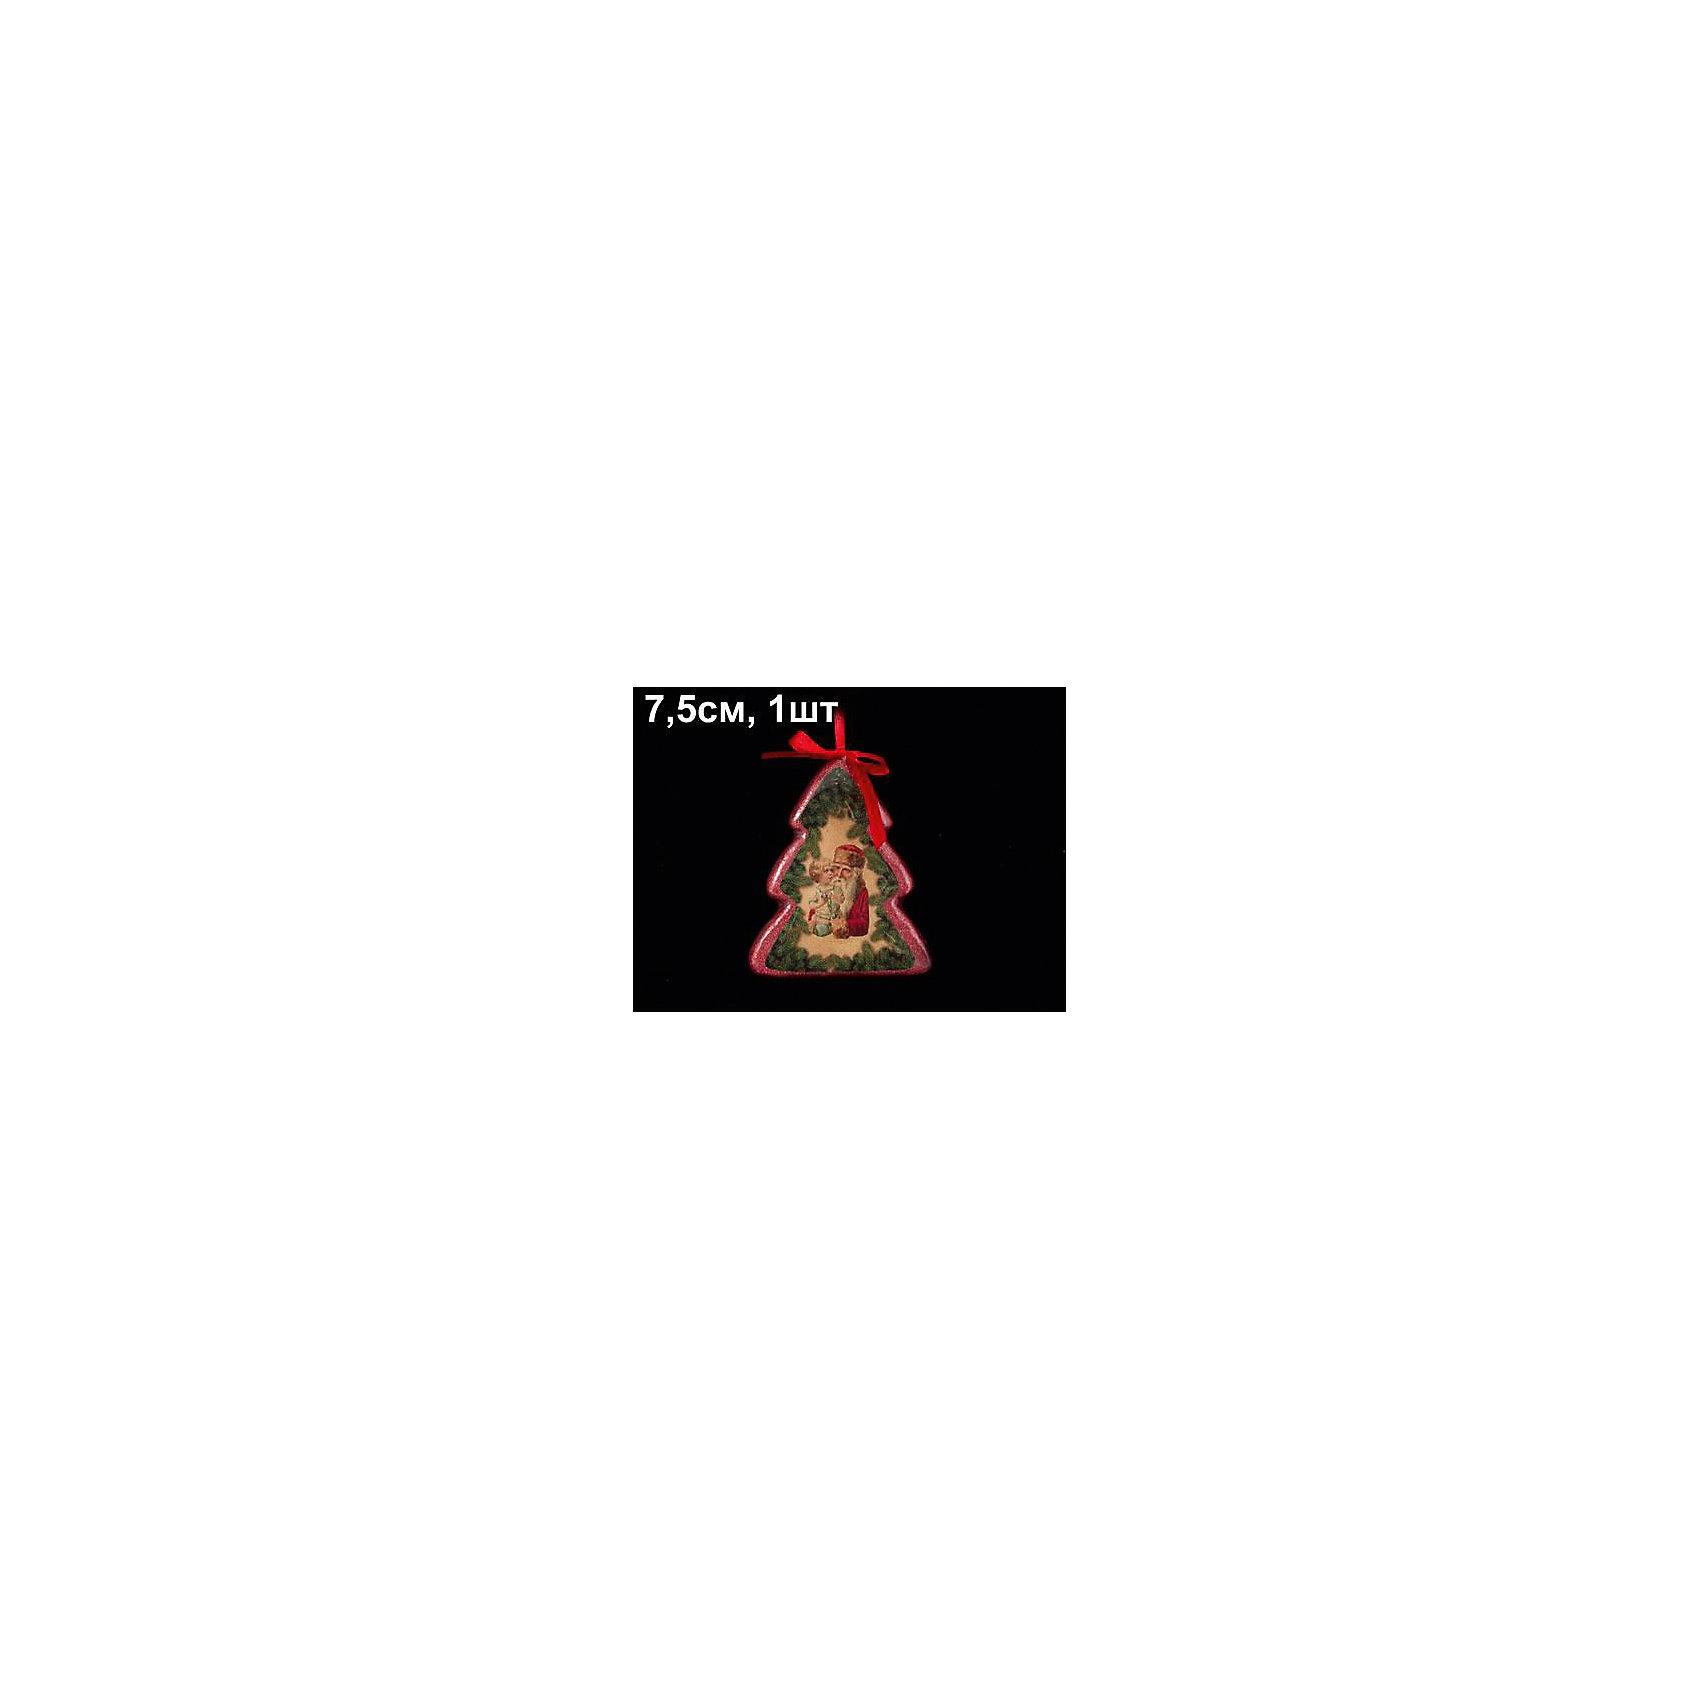 ёл. укр. GRANDE елочка, 7,5см, 1шт, красный, зеленый, коричЁлочные игрушки<br>Новогодние  и елочные украшения, в т.ч. пластиковые шары, украшения фигурные, изображающие представителей флоры, фауны, сказочных персонажей, верхушки, бусы, ветки, бантики, гирлянды и фонарики  (без подключения к сети переменного тока), конфетти, мишура, дождик, серпантин,  панно, венки, ели, ленты декоративные<br><br>Ширина мм: 75<br>Глубина мм: 20<br>Высота мм: 50<br>Вес г: 35<br>Возраст от месяцев: 36<br>Возраст до месяцев: 2147483647<br>Пол: Унисекс<br>Возраст: Детский<br>SKU: 4418907